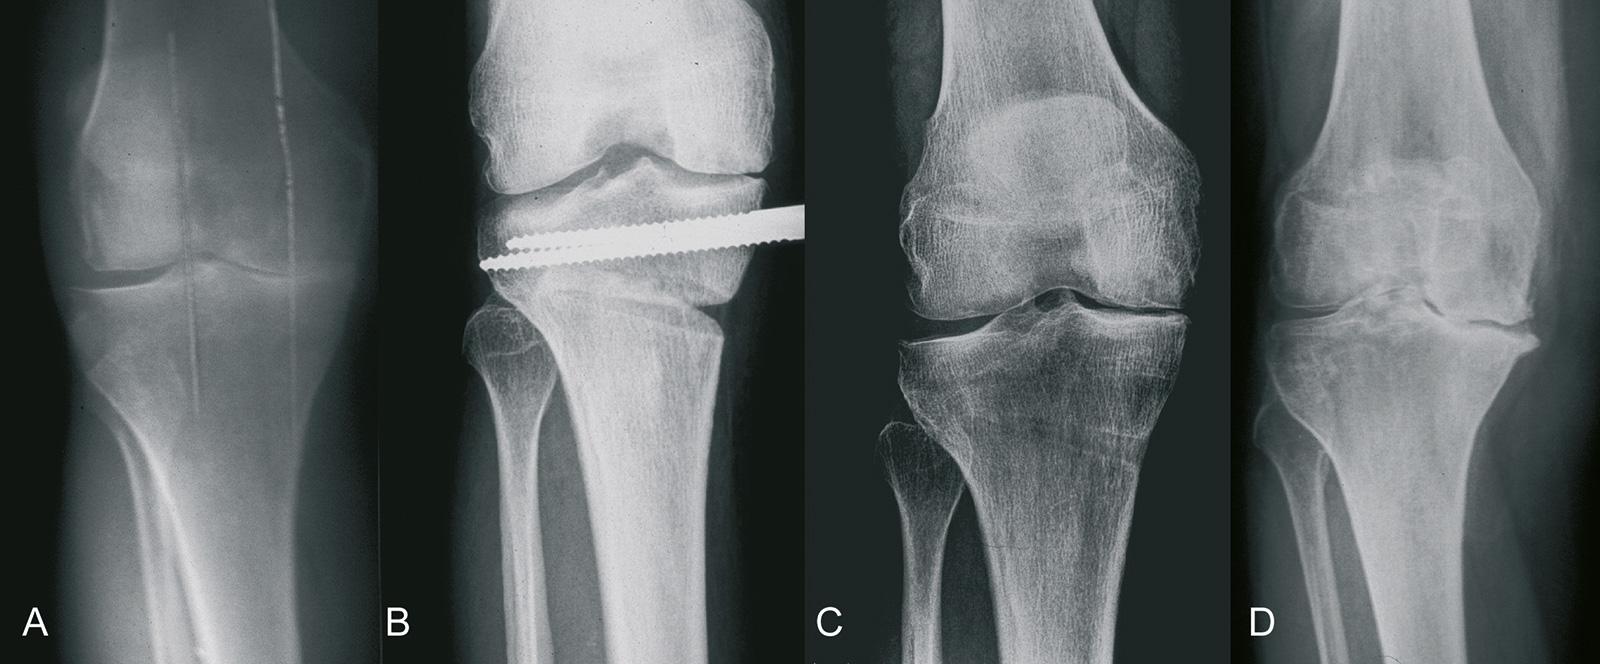 Abb. 1-37: Zum Zeitpunkt der Hemikallotasis (B) besteht bereits eine ausgeprägte Arthrose mit einem Knochensubstanzverlust von >2mm (A), nach Entfernung des Fixateur (C) und 3 Jahre später (D): fortschreiten der Arthrose im medialen Kompartiment (Eigentum